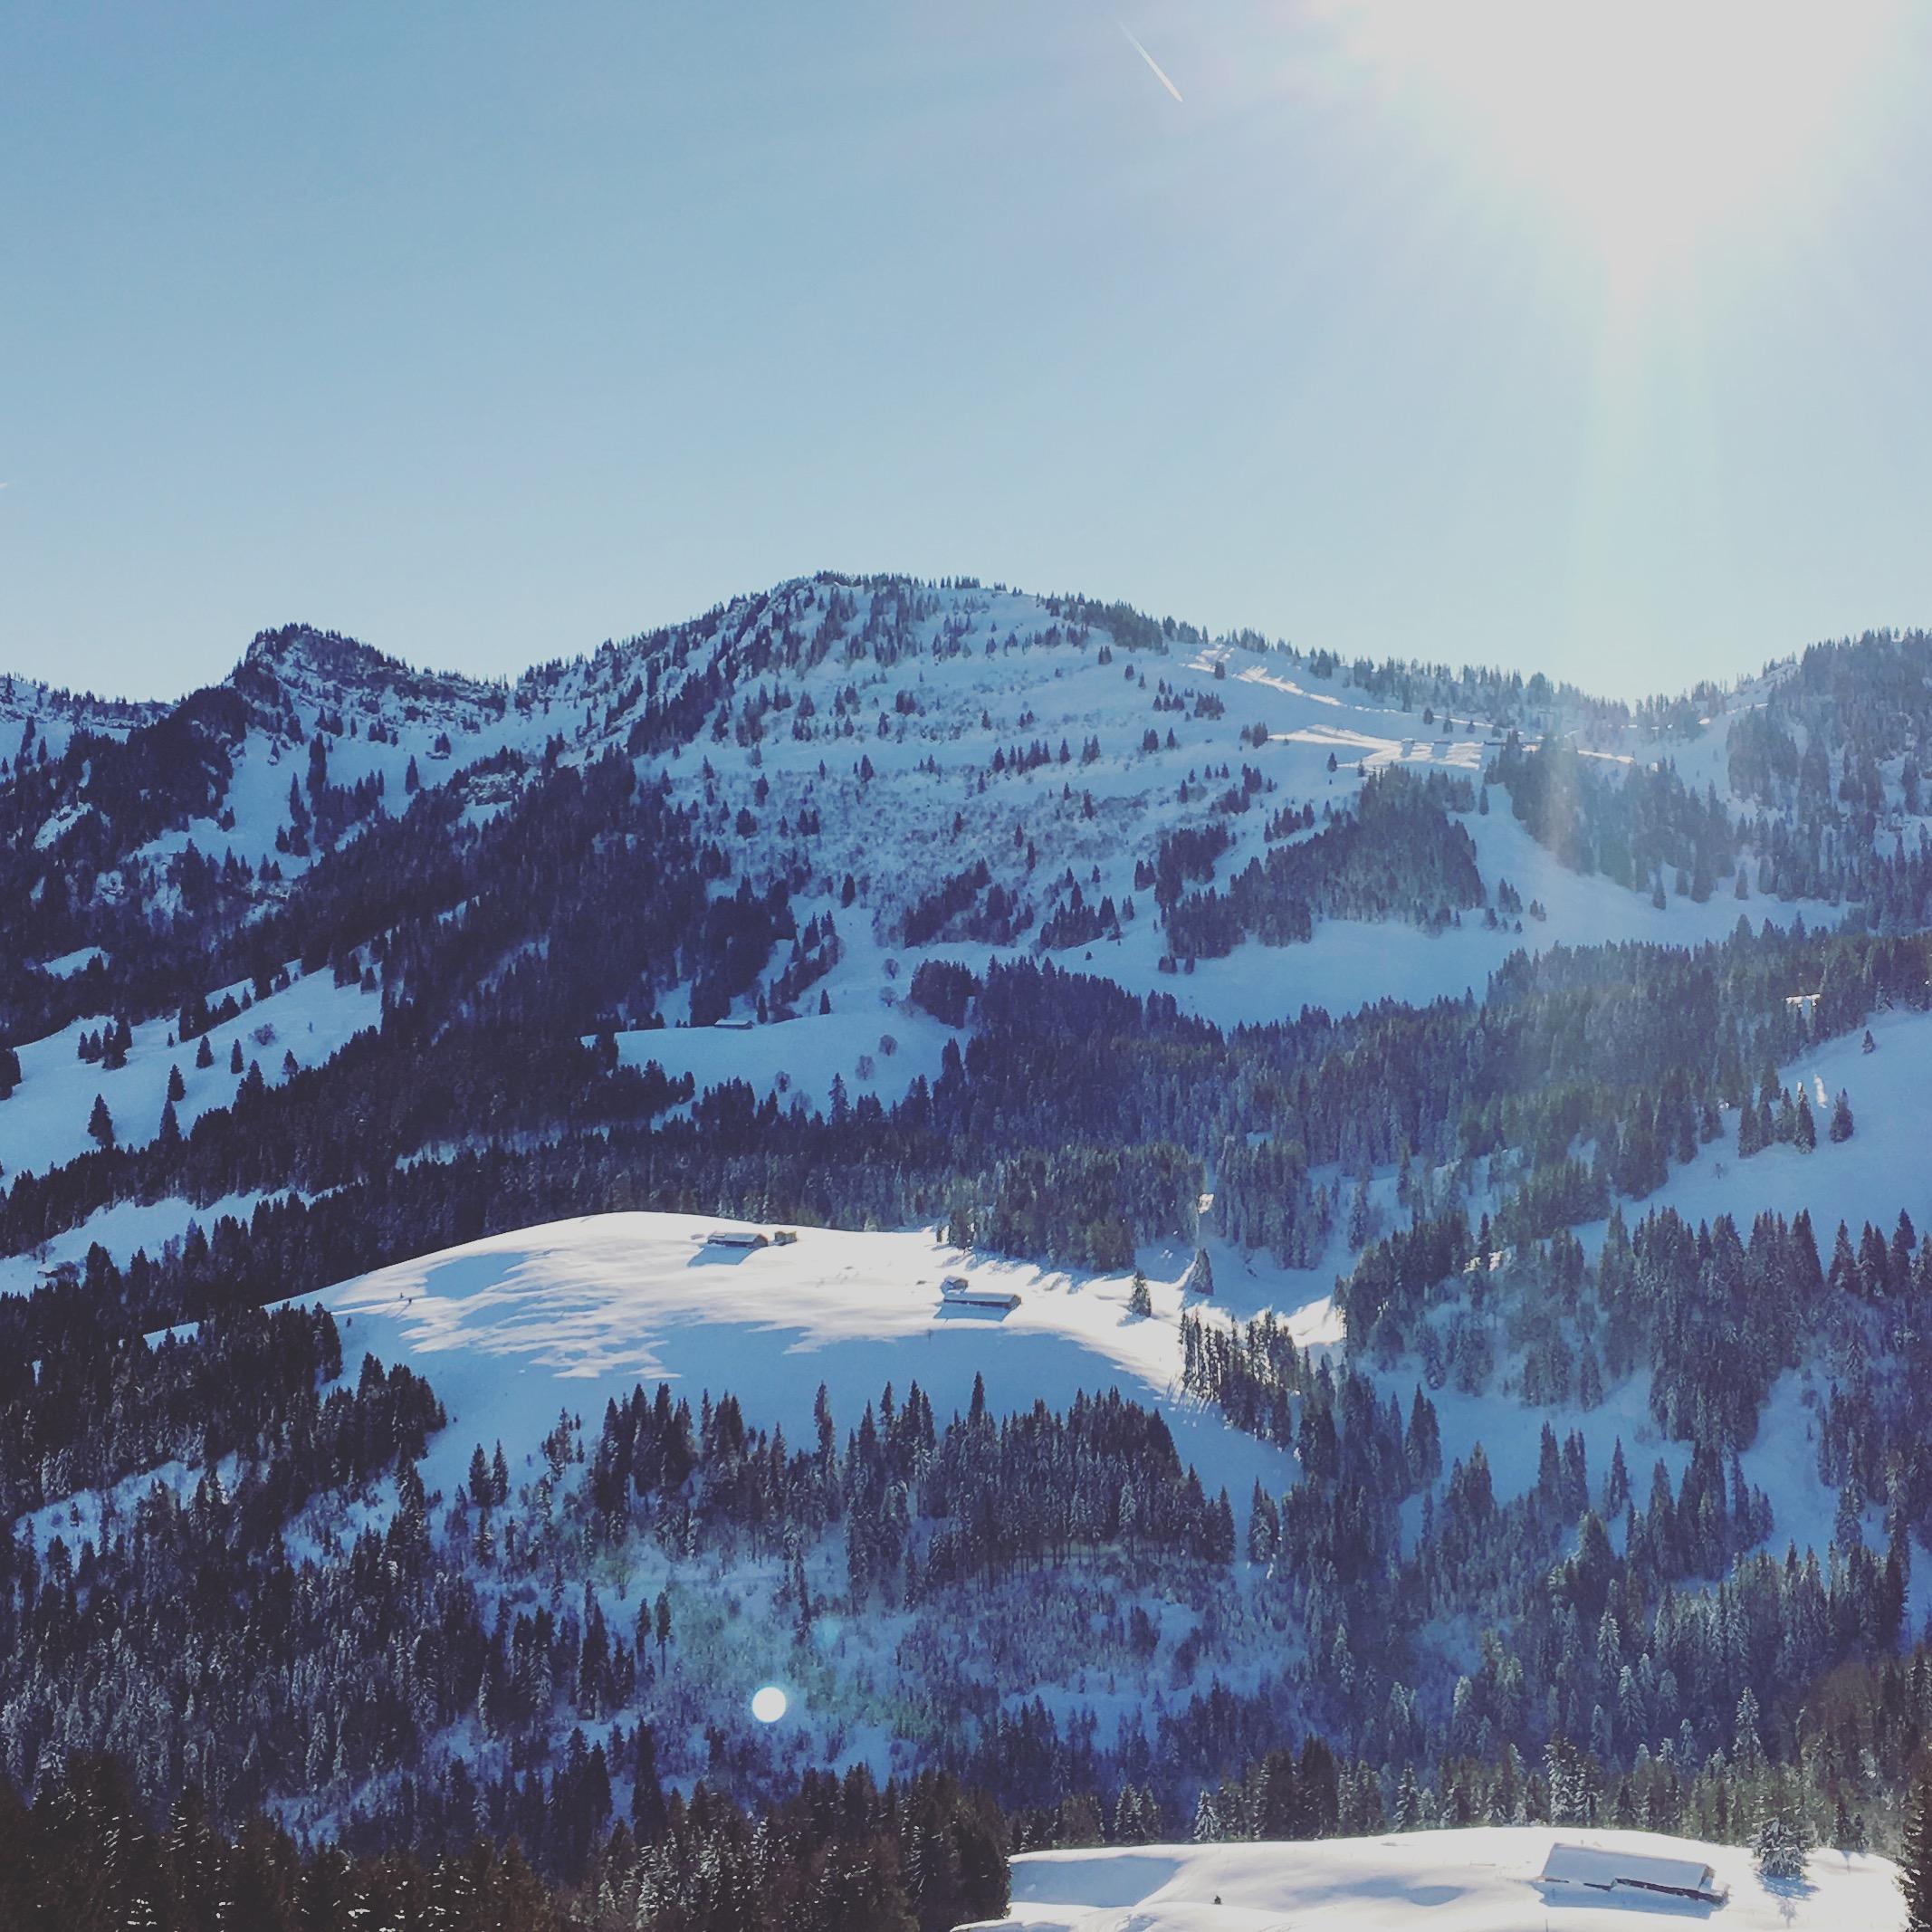 maybeyoulike_weeekendvibes_winter_3